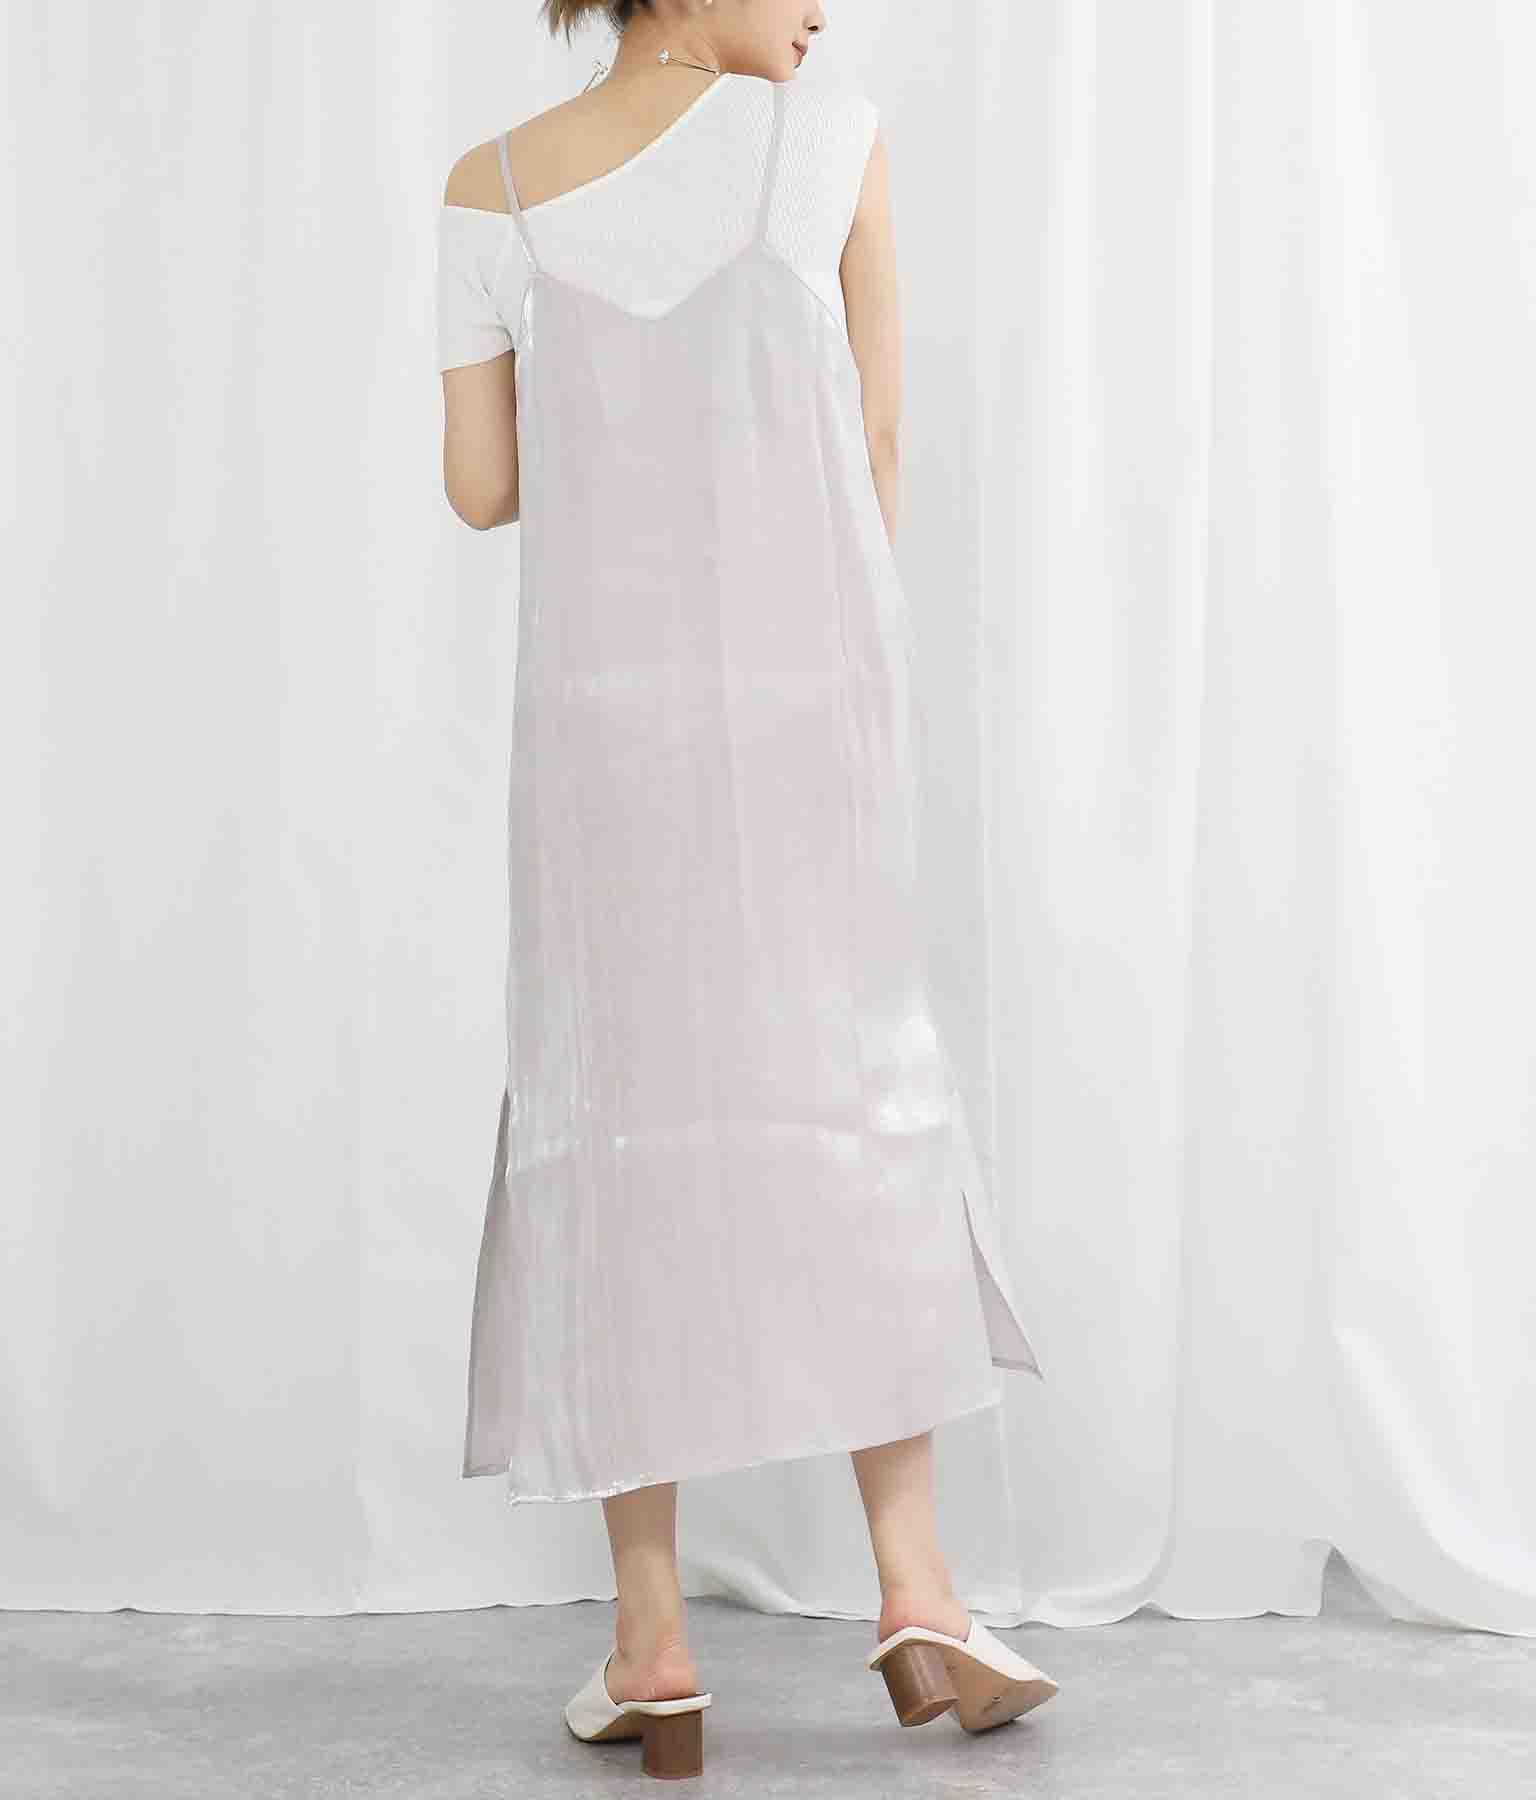 サテンサイドスリットキャミソールワンピース(ワンピース・ドレス/ロングワンピ) | Settimissimo